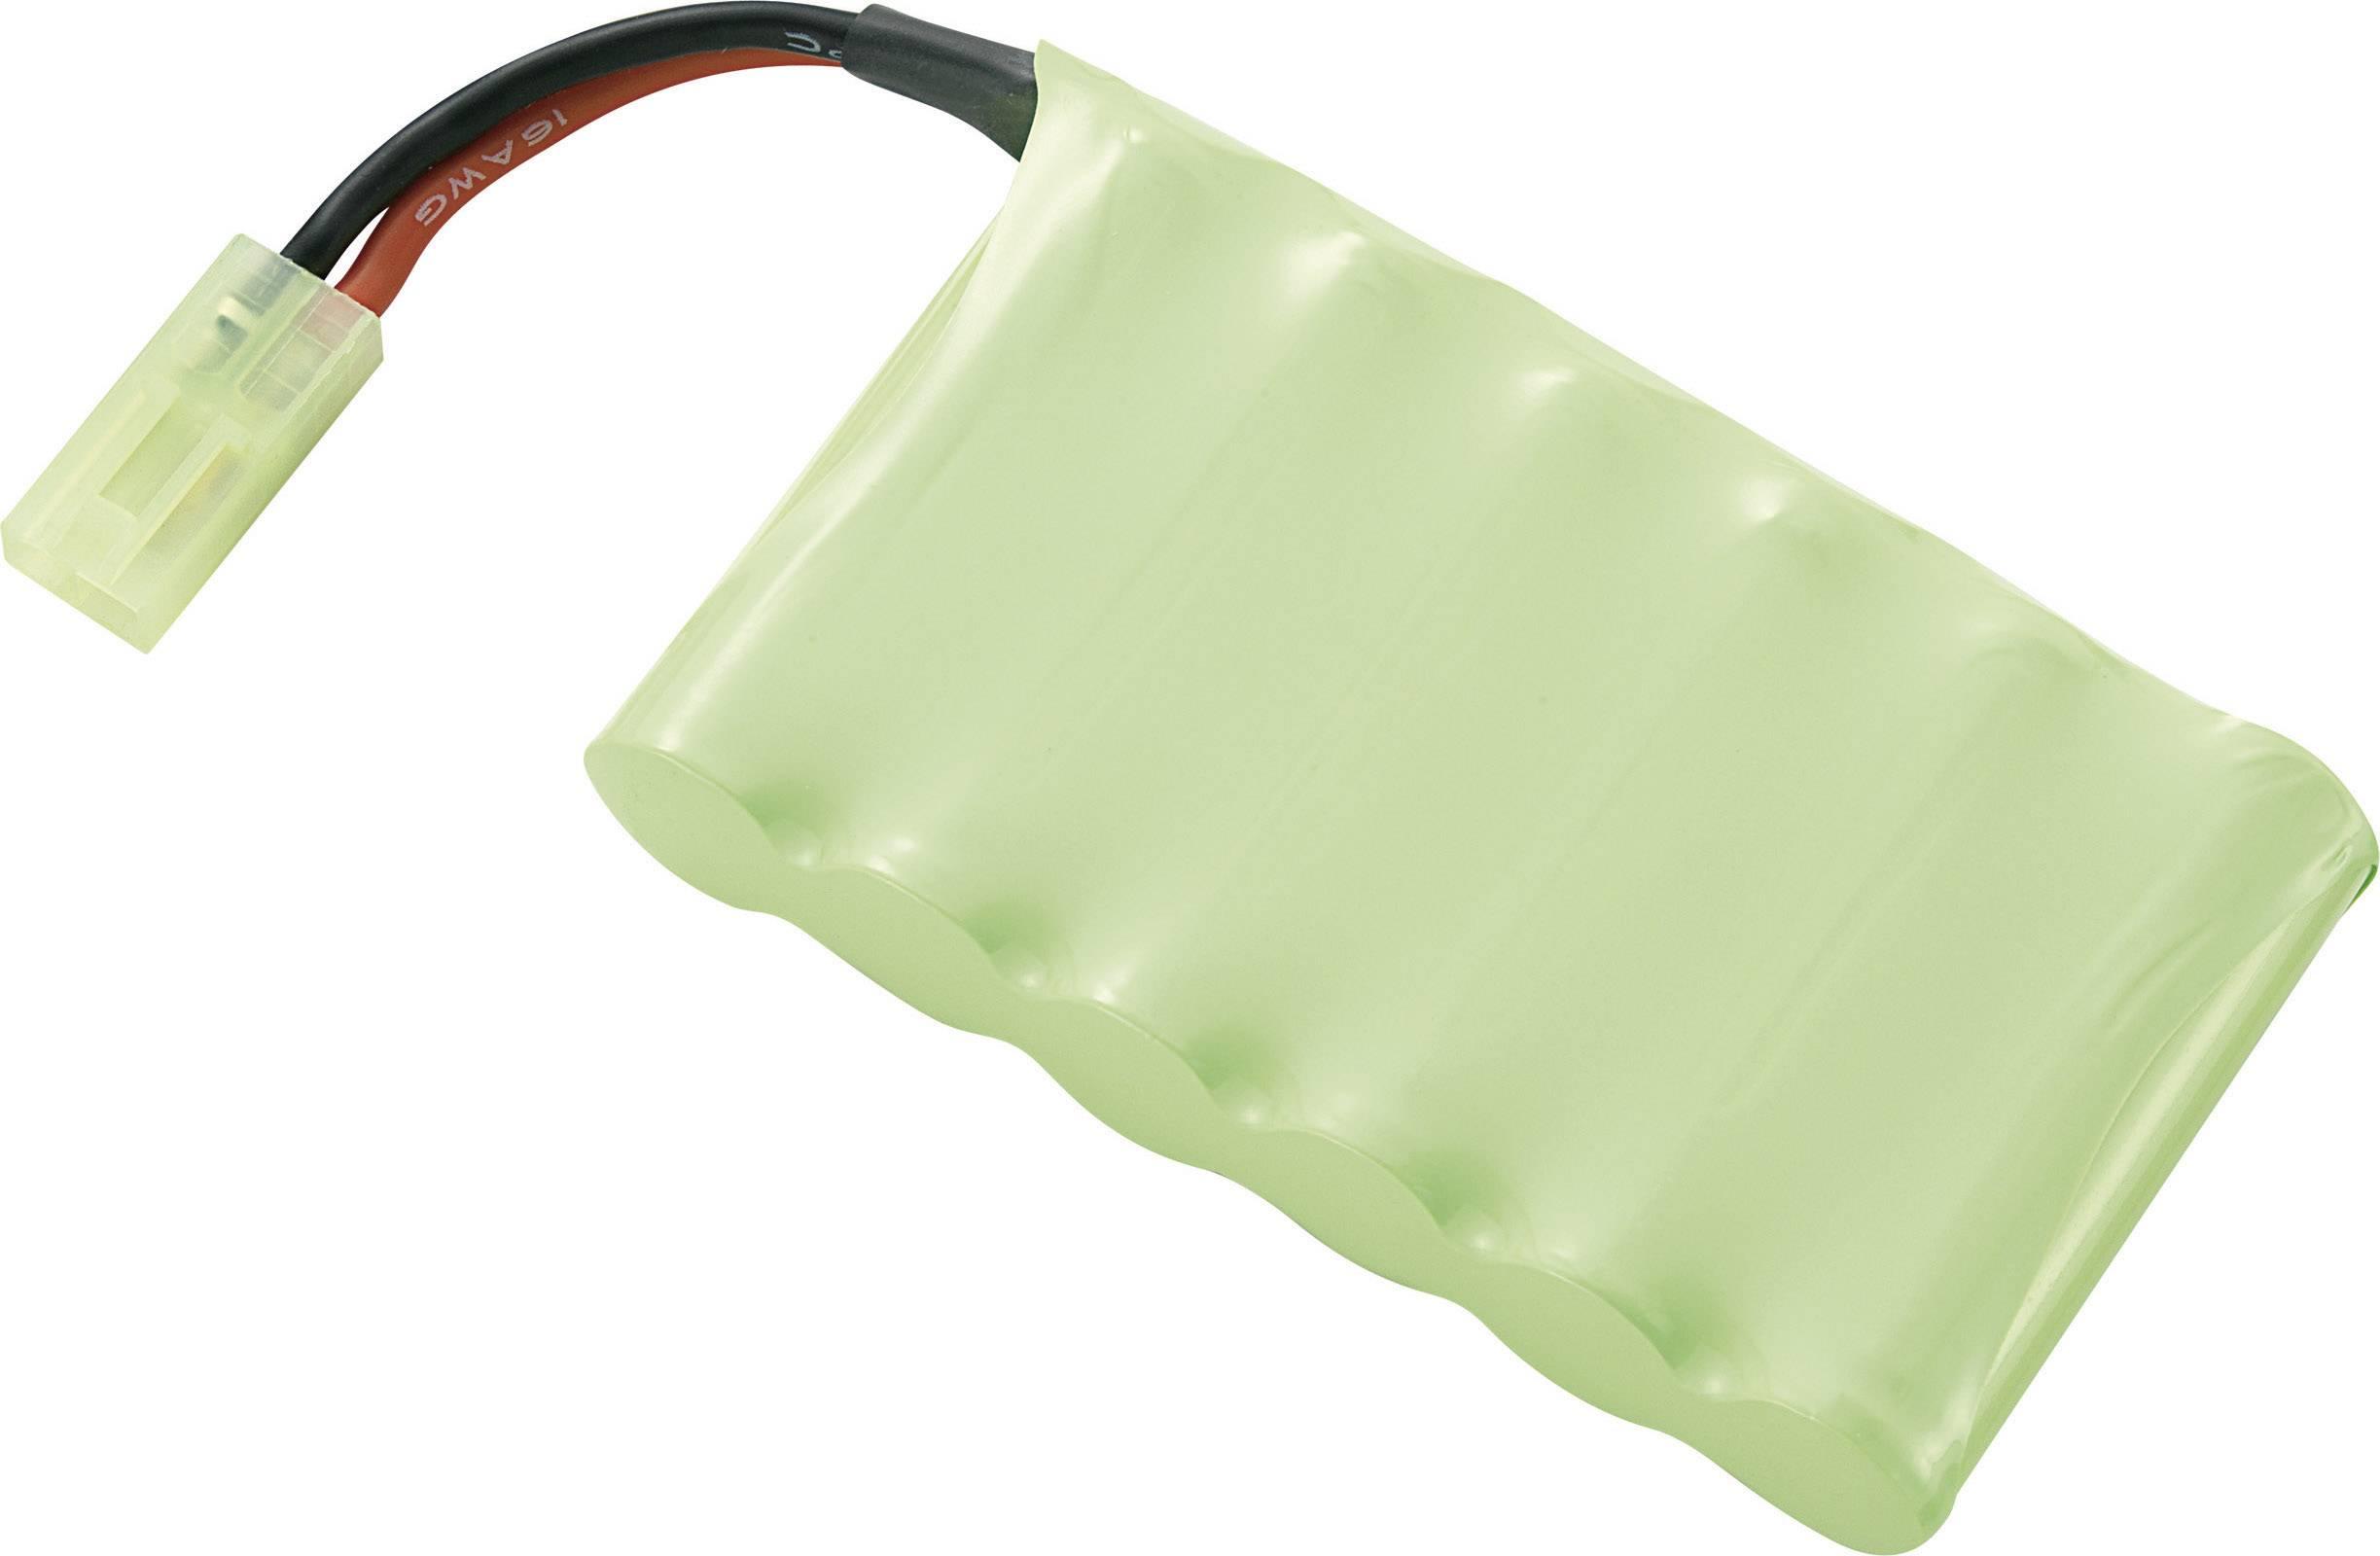 Akupack NiMH Conrad energy 209083, 7.2 V, 800 mAh